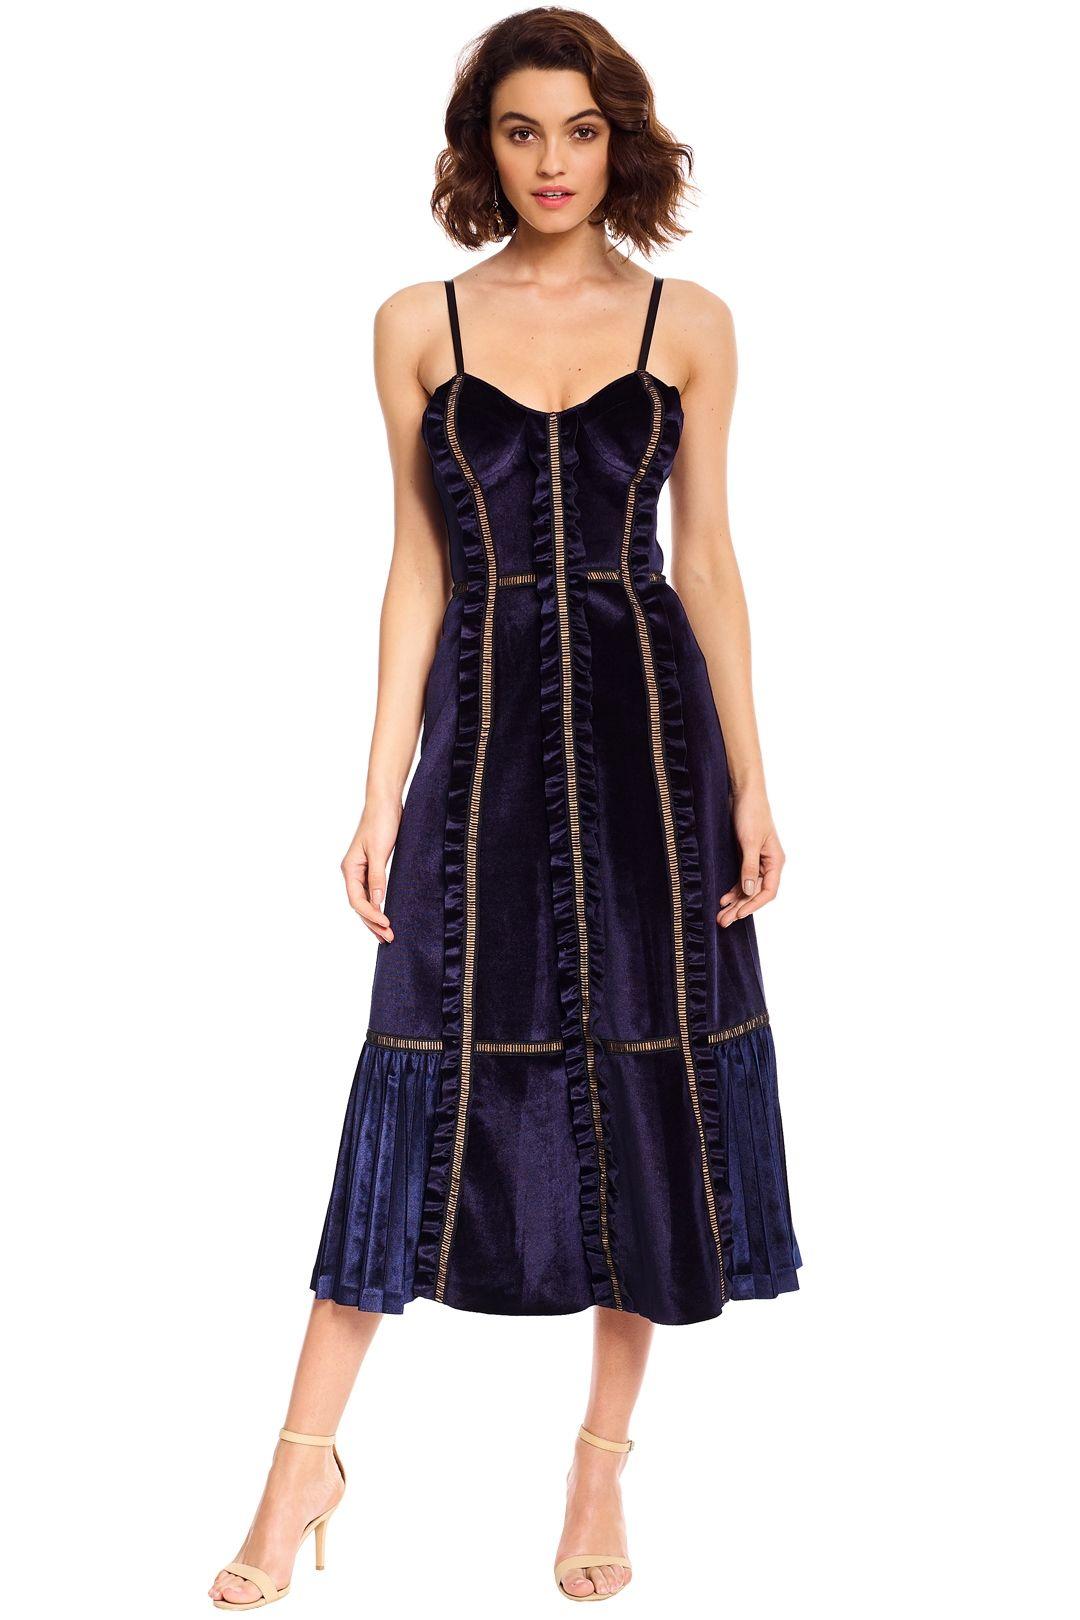 Self Portrait - Velvet Panelled Midi Dress - Midnight Blue - Front